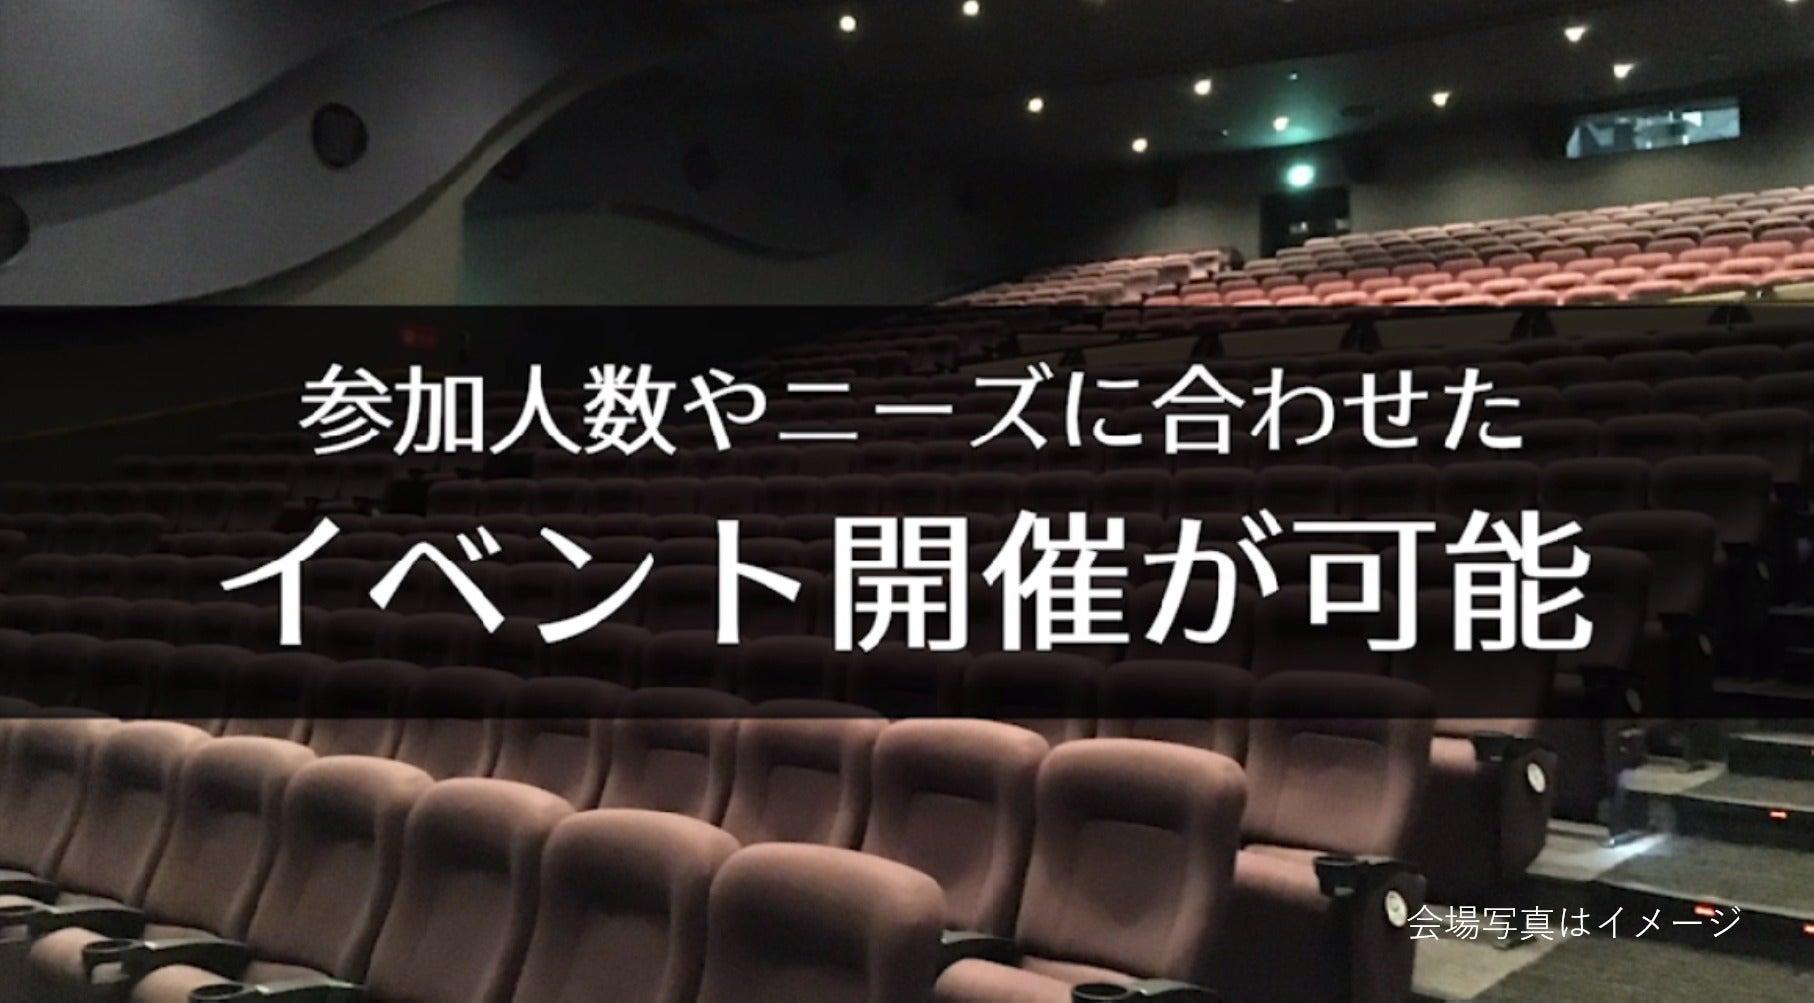 【幸手 265席】映画館で、会社説明会、株主総会、講演会の企画はいかがですか?(シネプレックス幸手) の写真0